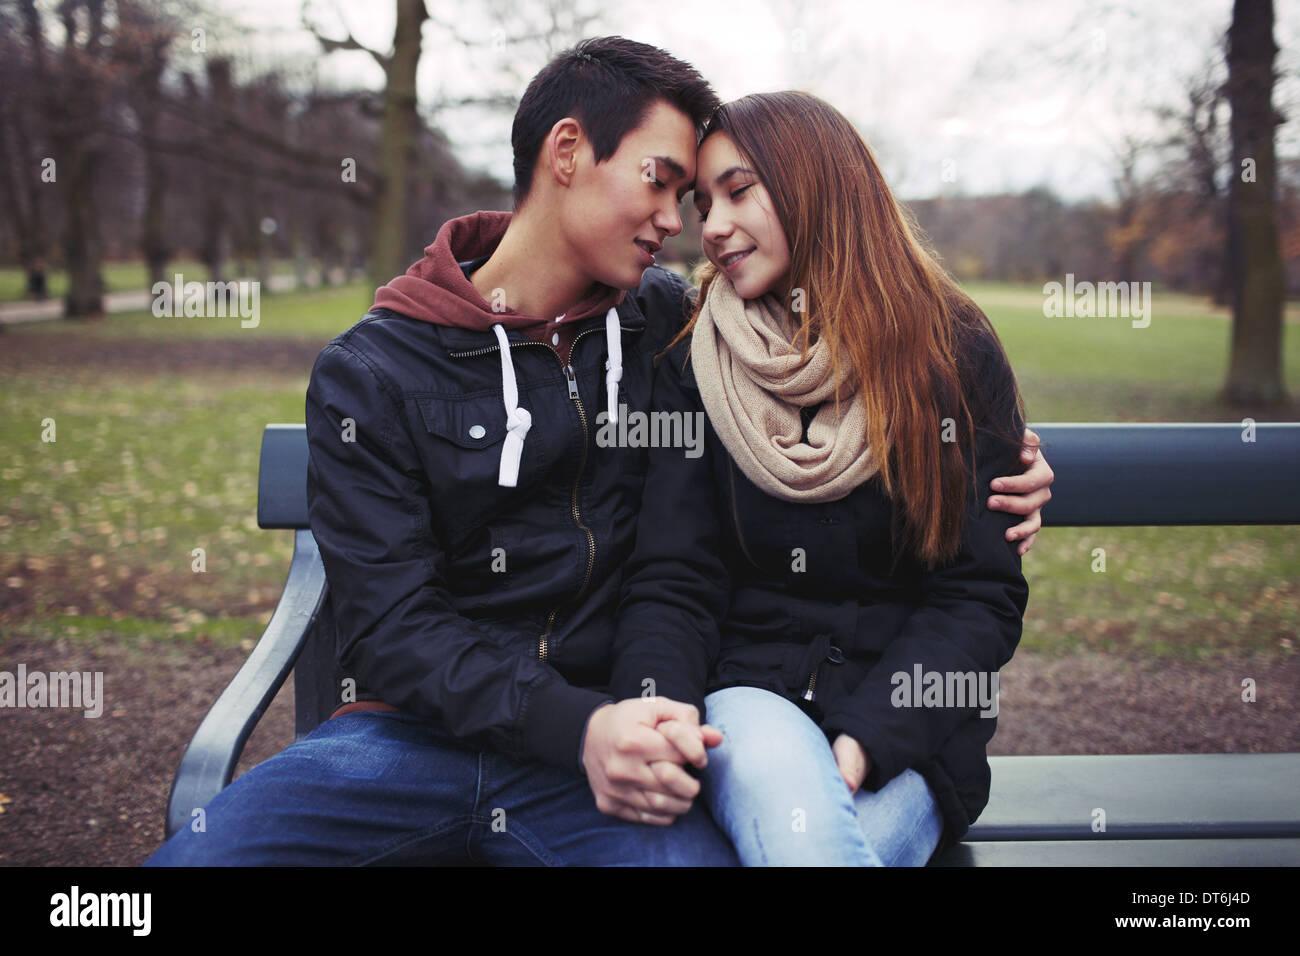 Pareja joven compartiendo un momento de licitación, mientras están sentados en un banco del parque. Adolescentes pareja asiática al aire libre en el parque. Imagen De Stock